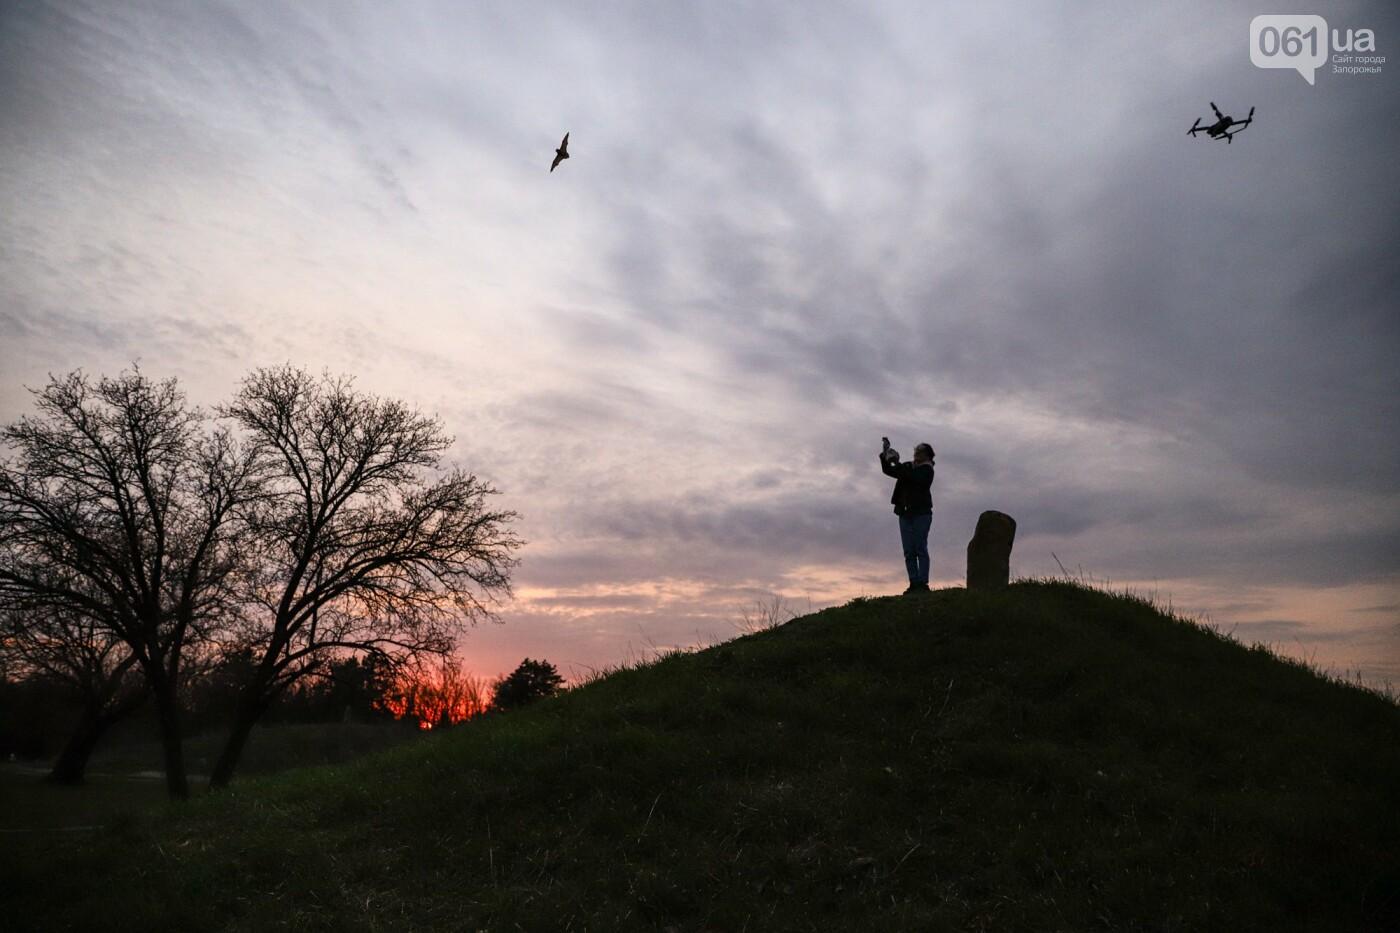 На Хортице выпустили более 700 летучих мышей, спасенных волонтерами, - ФОТОРЕПОРТАЖ, фото-24